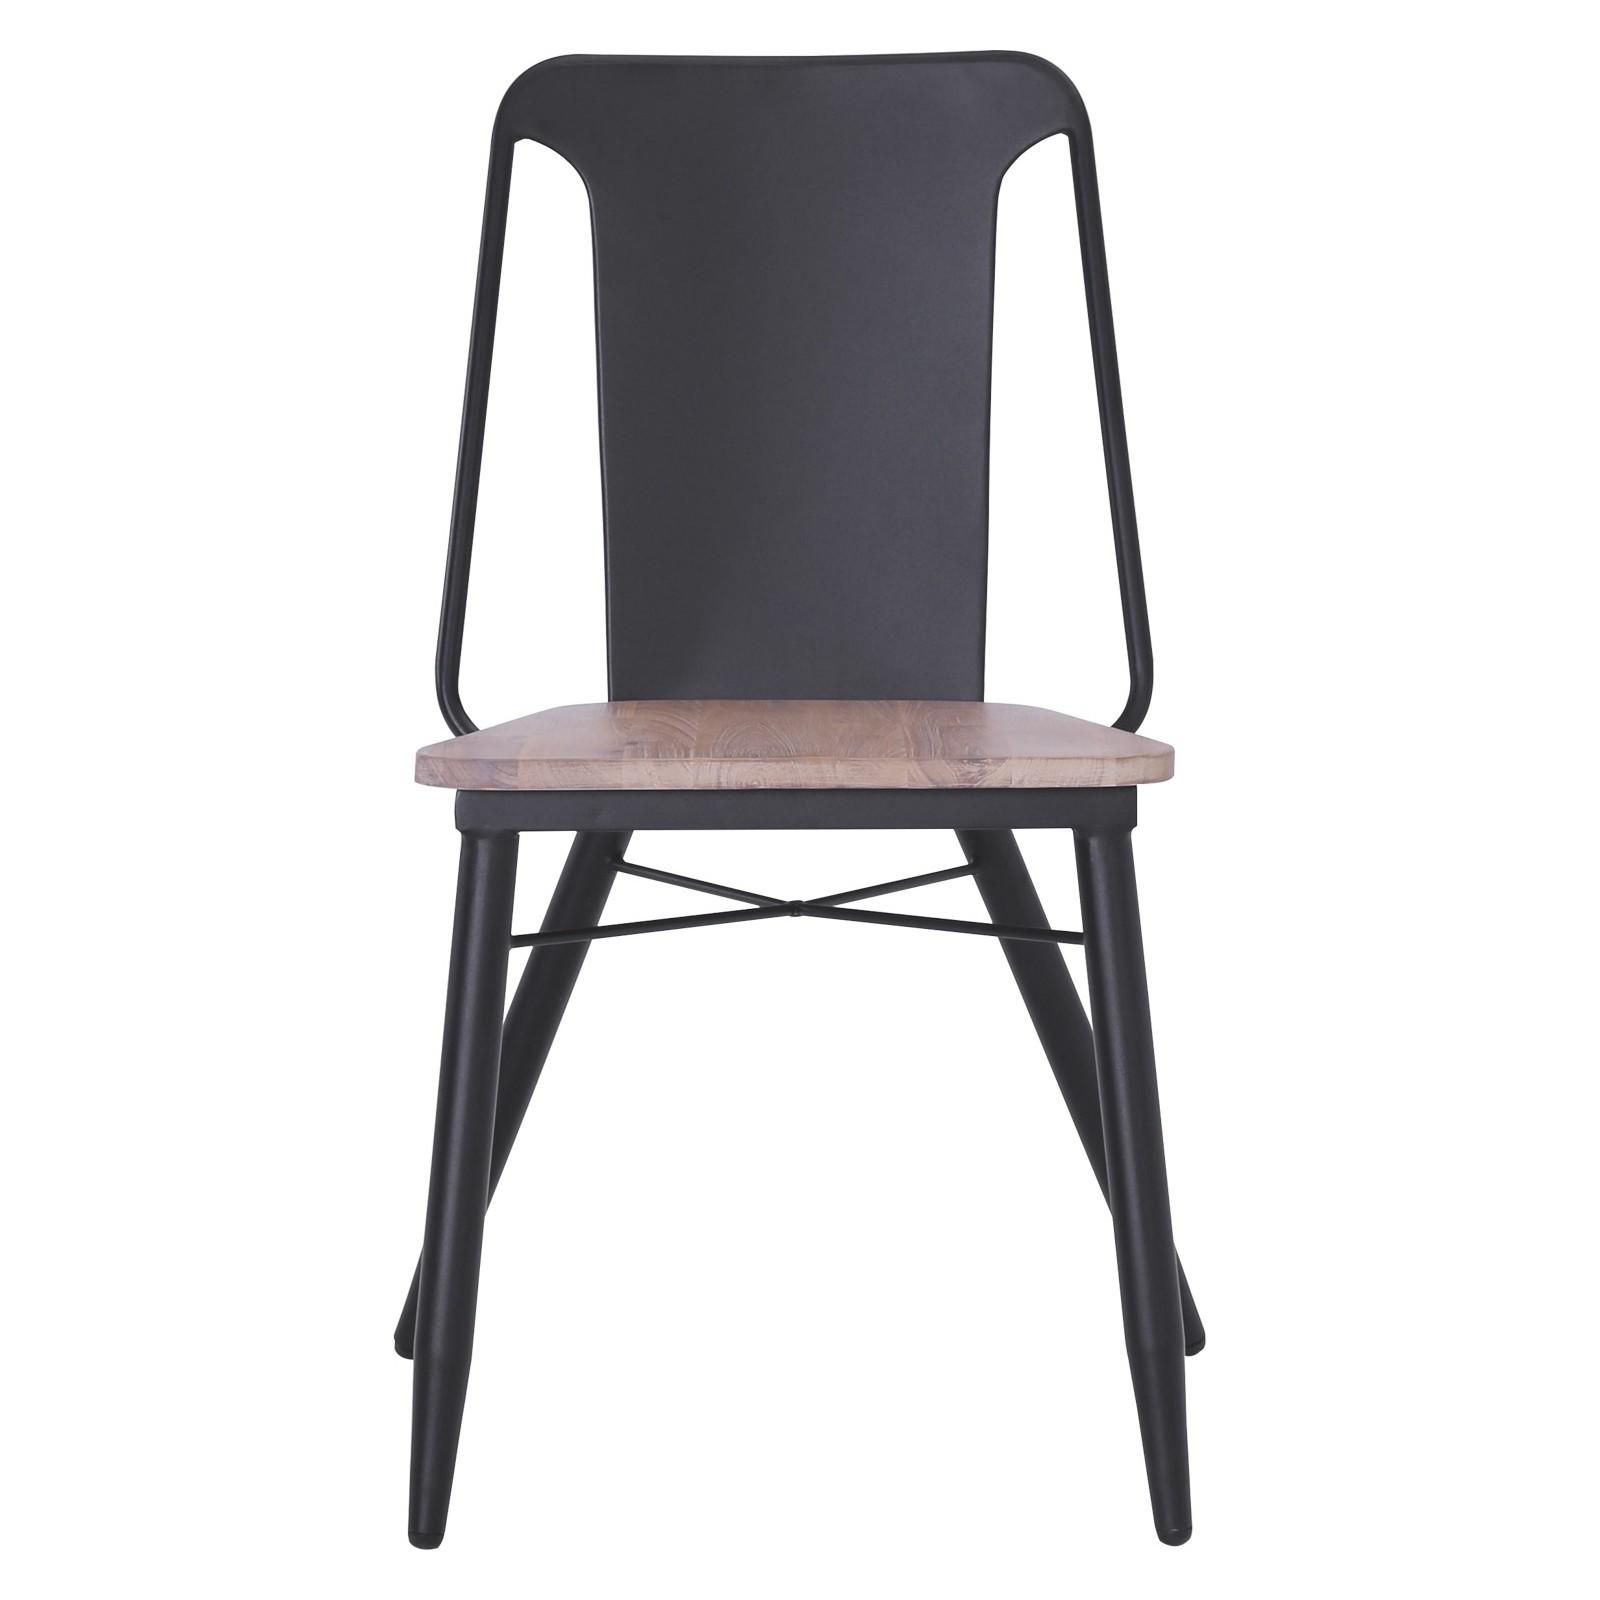 Binder Acacia Timber & Metal Dining Chair